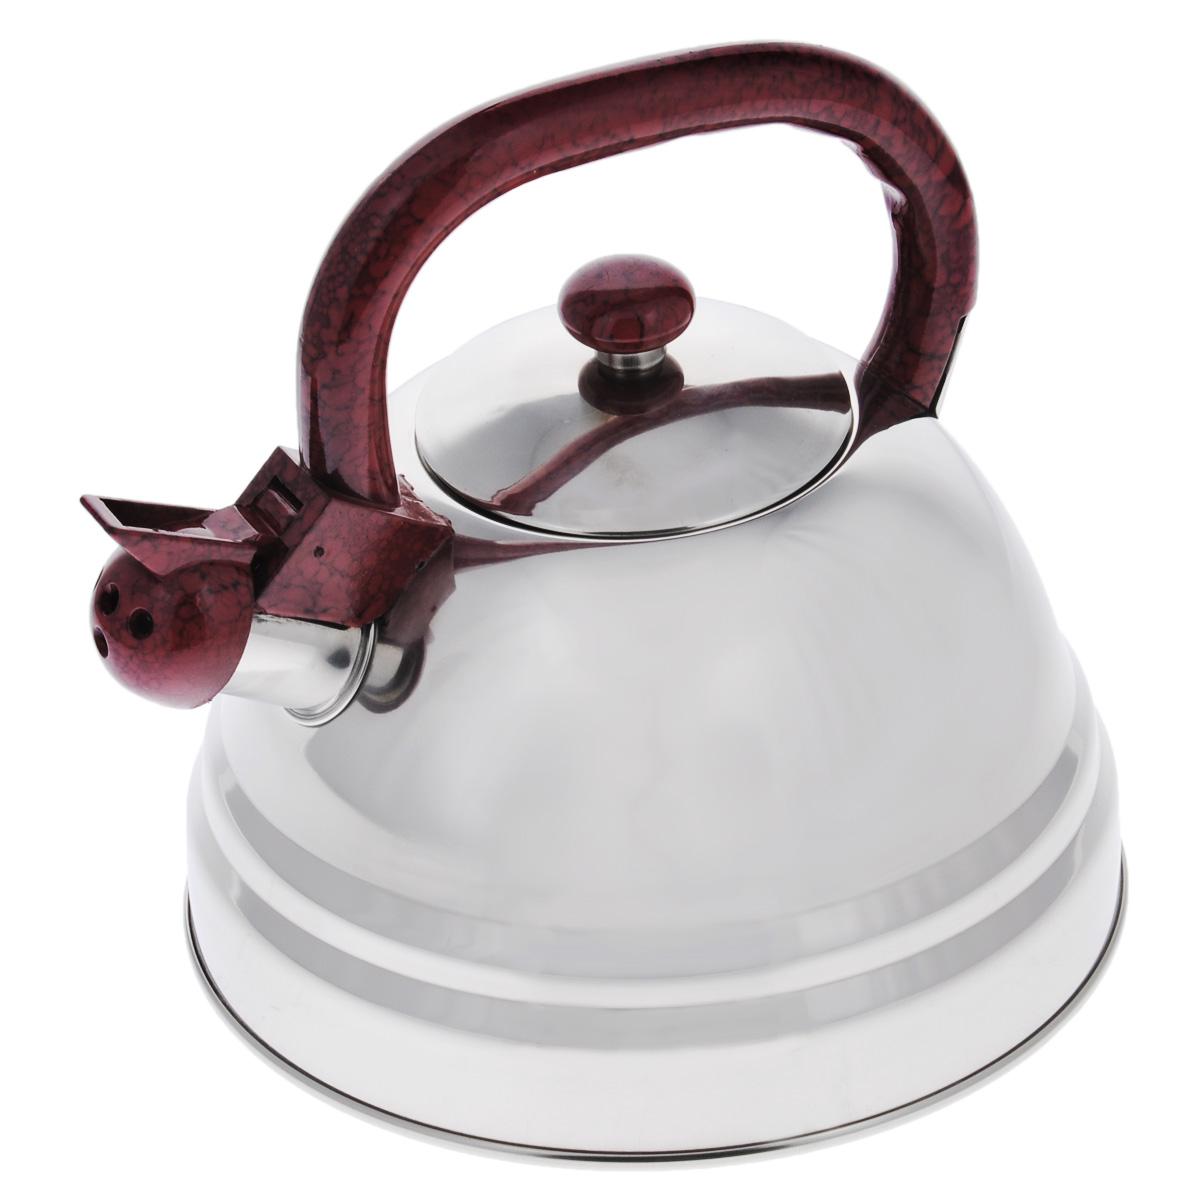 Чайник Bekker Koch со свистком, цвет: бордовый, 3 л. ВК-S337ВК-S337бордовыйЧайник Bekker Koch выполнен из высококачественной нержавеющей стали, что обеспечивает долговечность использования. Внешнее зеркальное эмалевое покрытие придает приятный внешний вид. Фиксированная ручка из пластика делает использование чайника очень удобным и безопасным. Чайник снабжен свистком. Изделие оснащено капсулированным дном, что способствует медленному остыванию чайника. Можно мыть в посудомоечной машине. Высота чайника (без учета крышки и ручки): 12,5 см. Толщина стенки: 0,4 мм.